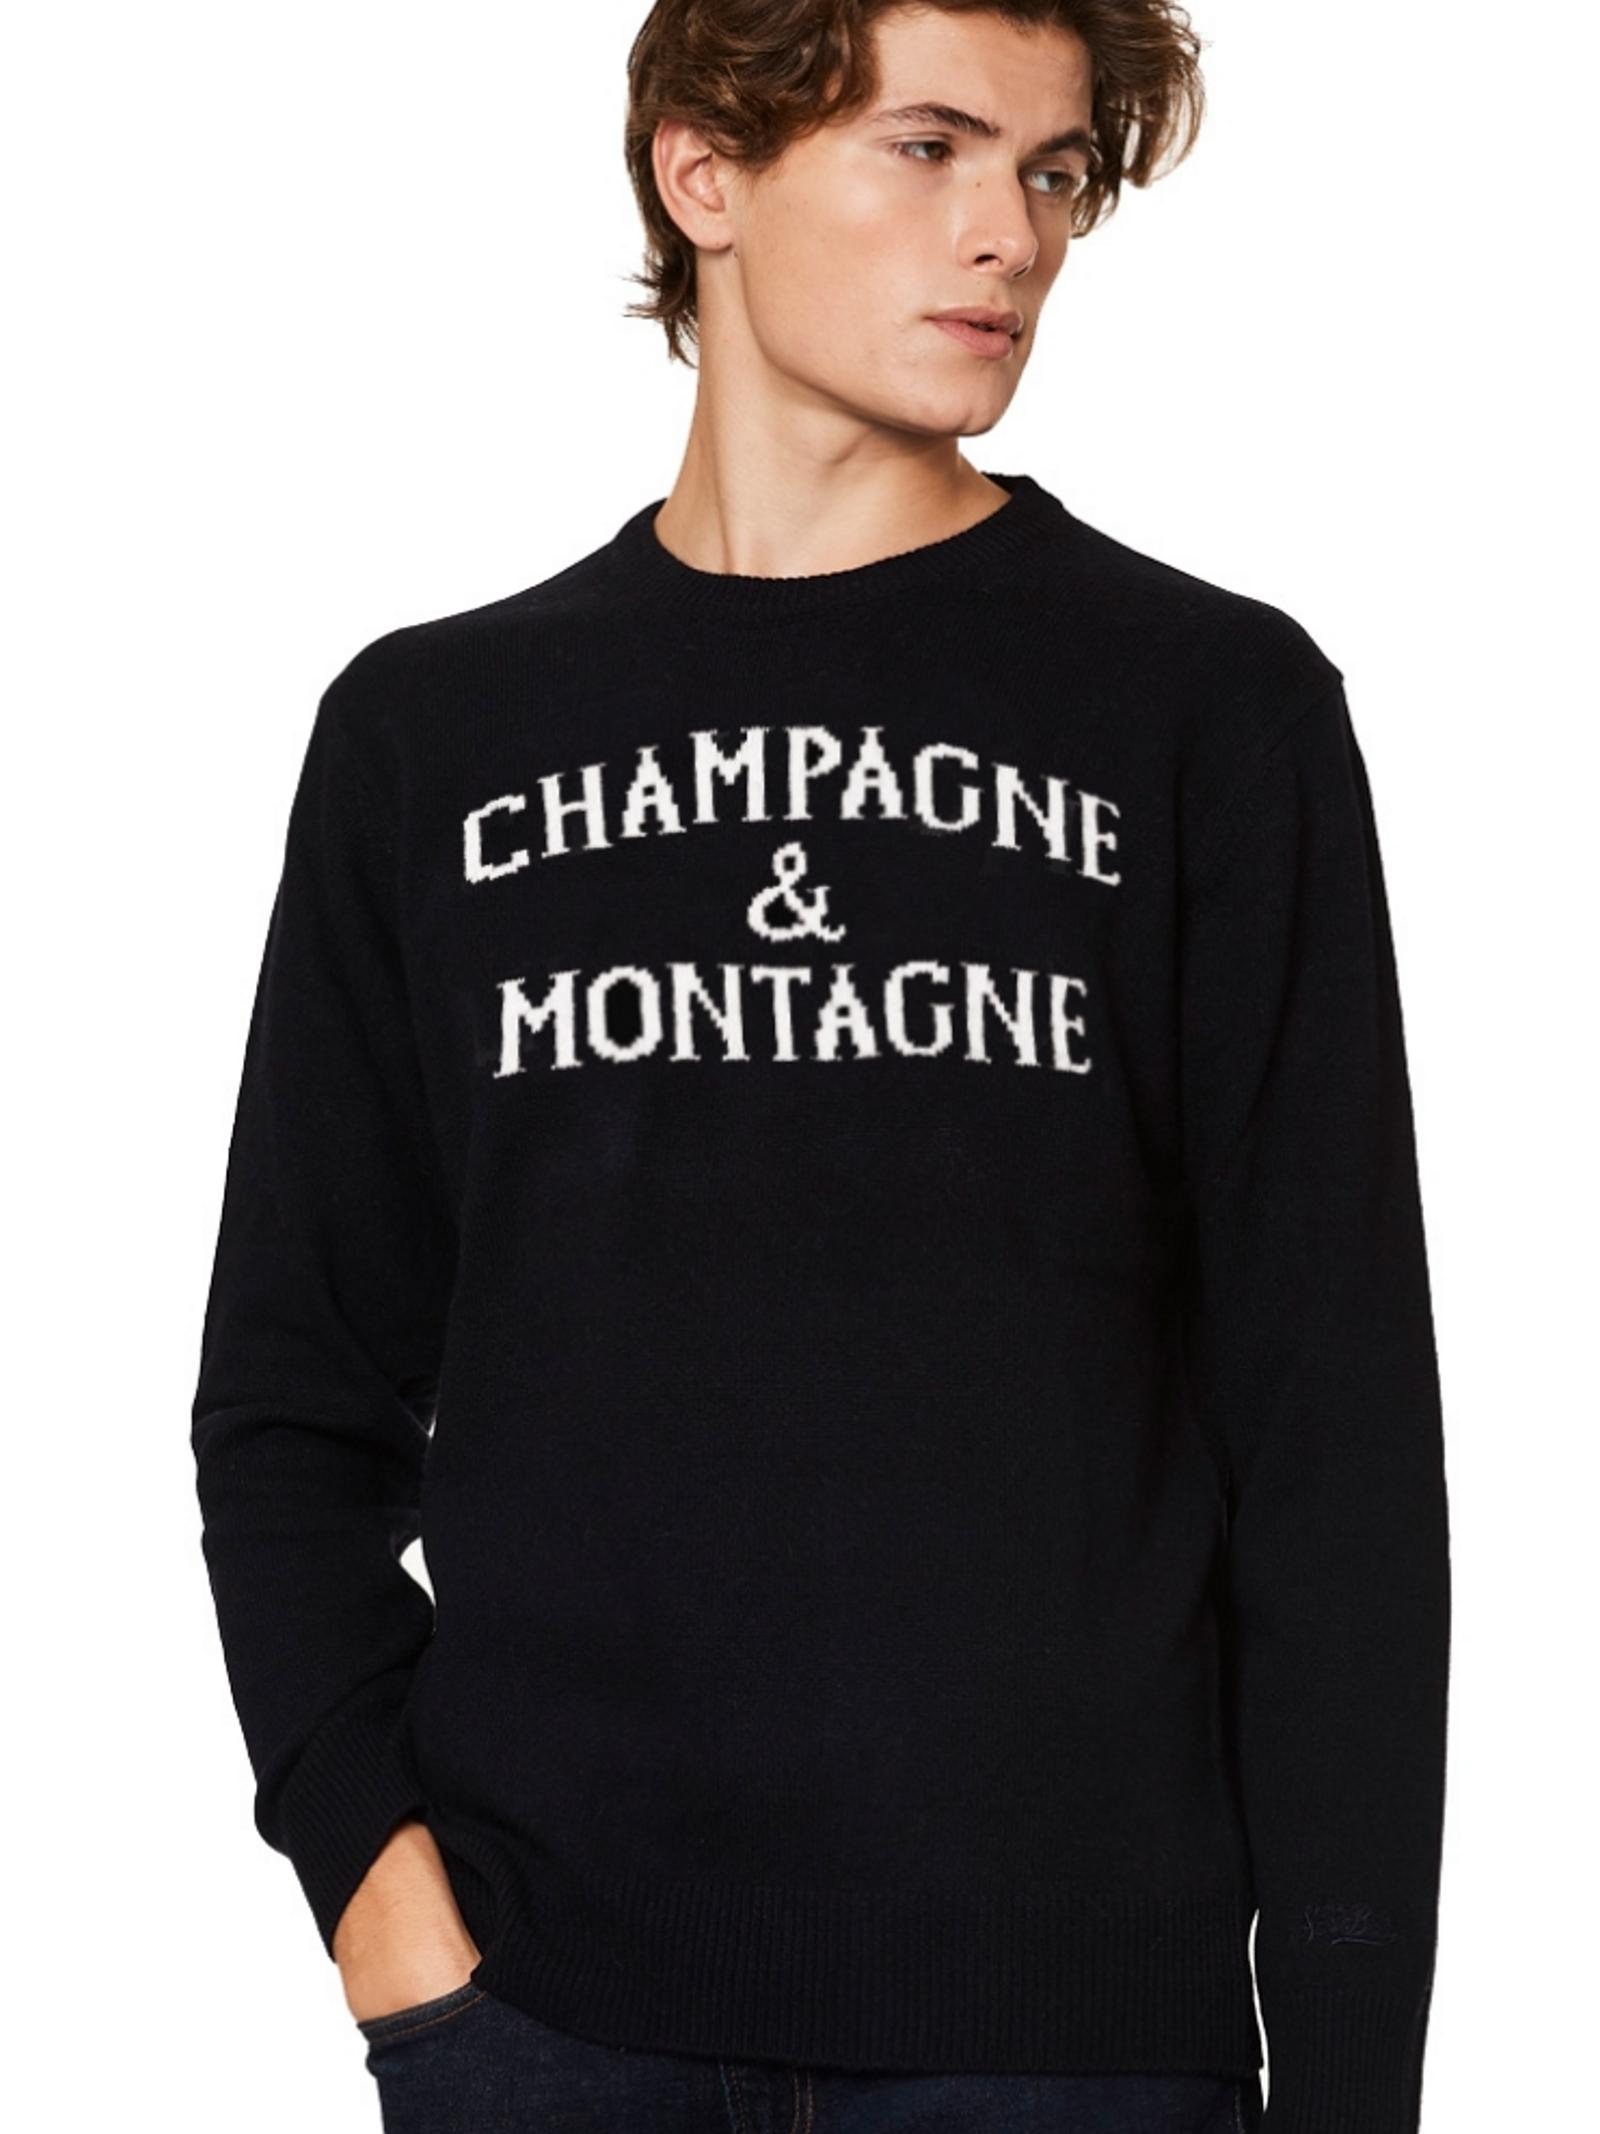 Maglione Champagne & Montagne MC2 Saint Barth MC2  SAINT BARTH   1   MNCH6161